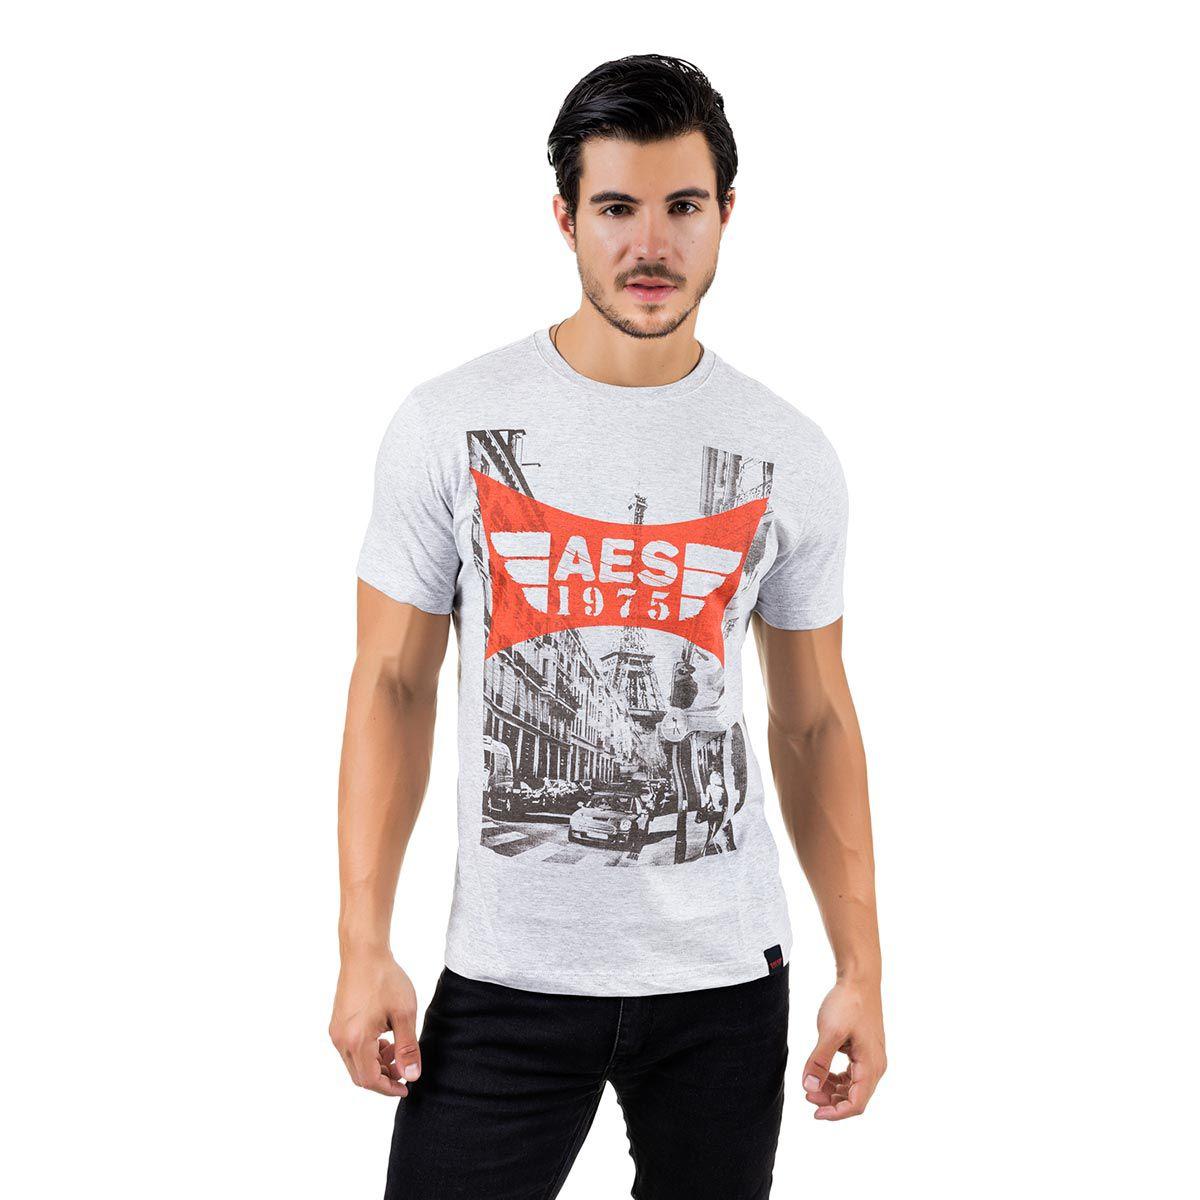 Camiseta AES 1975 Paris